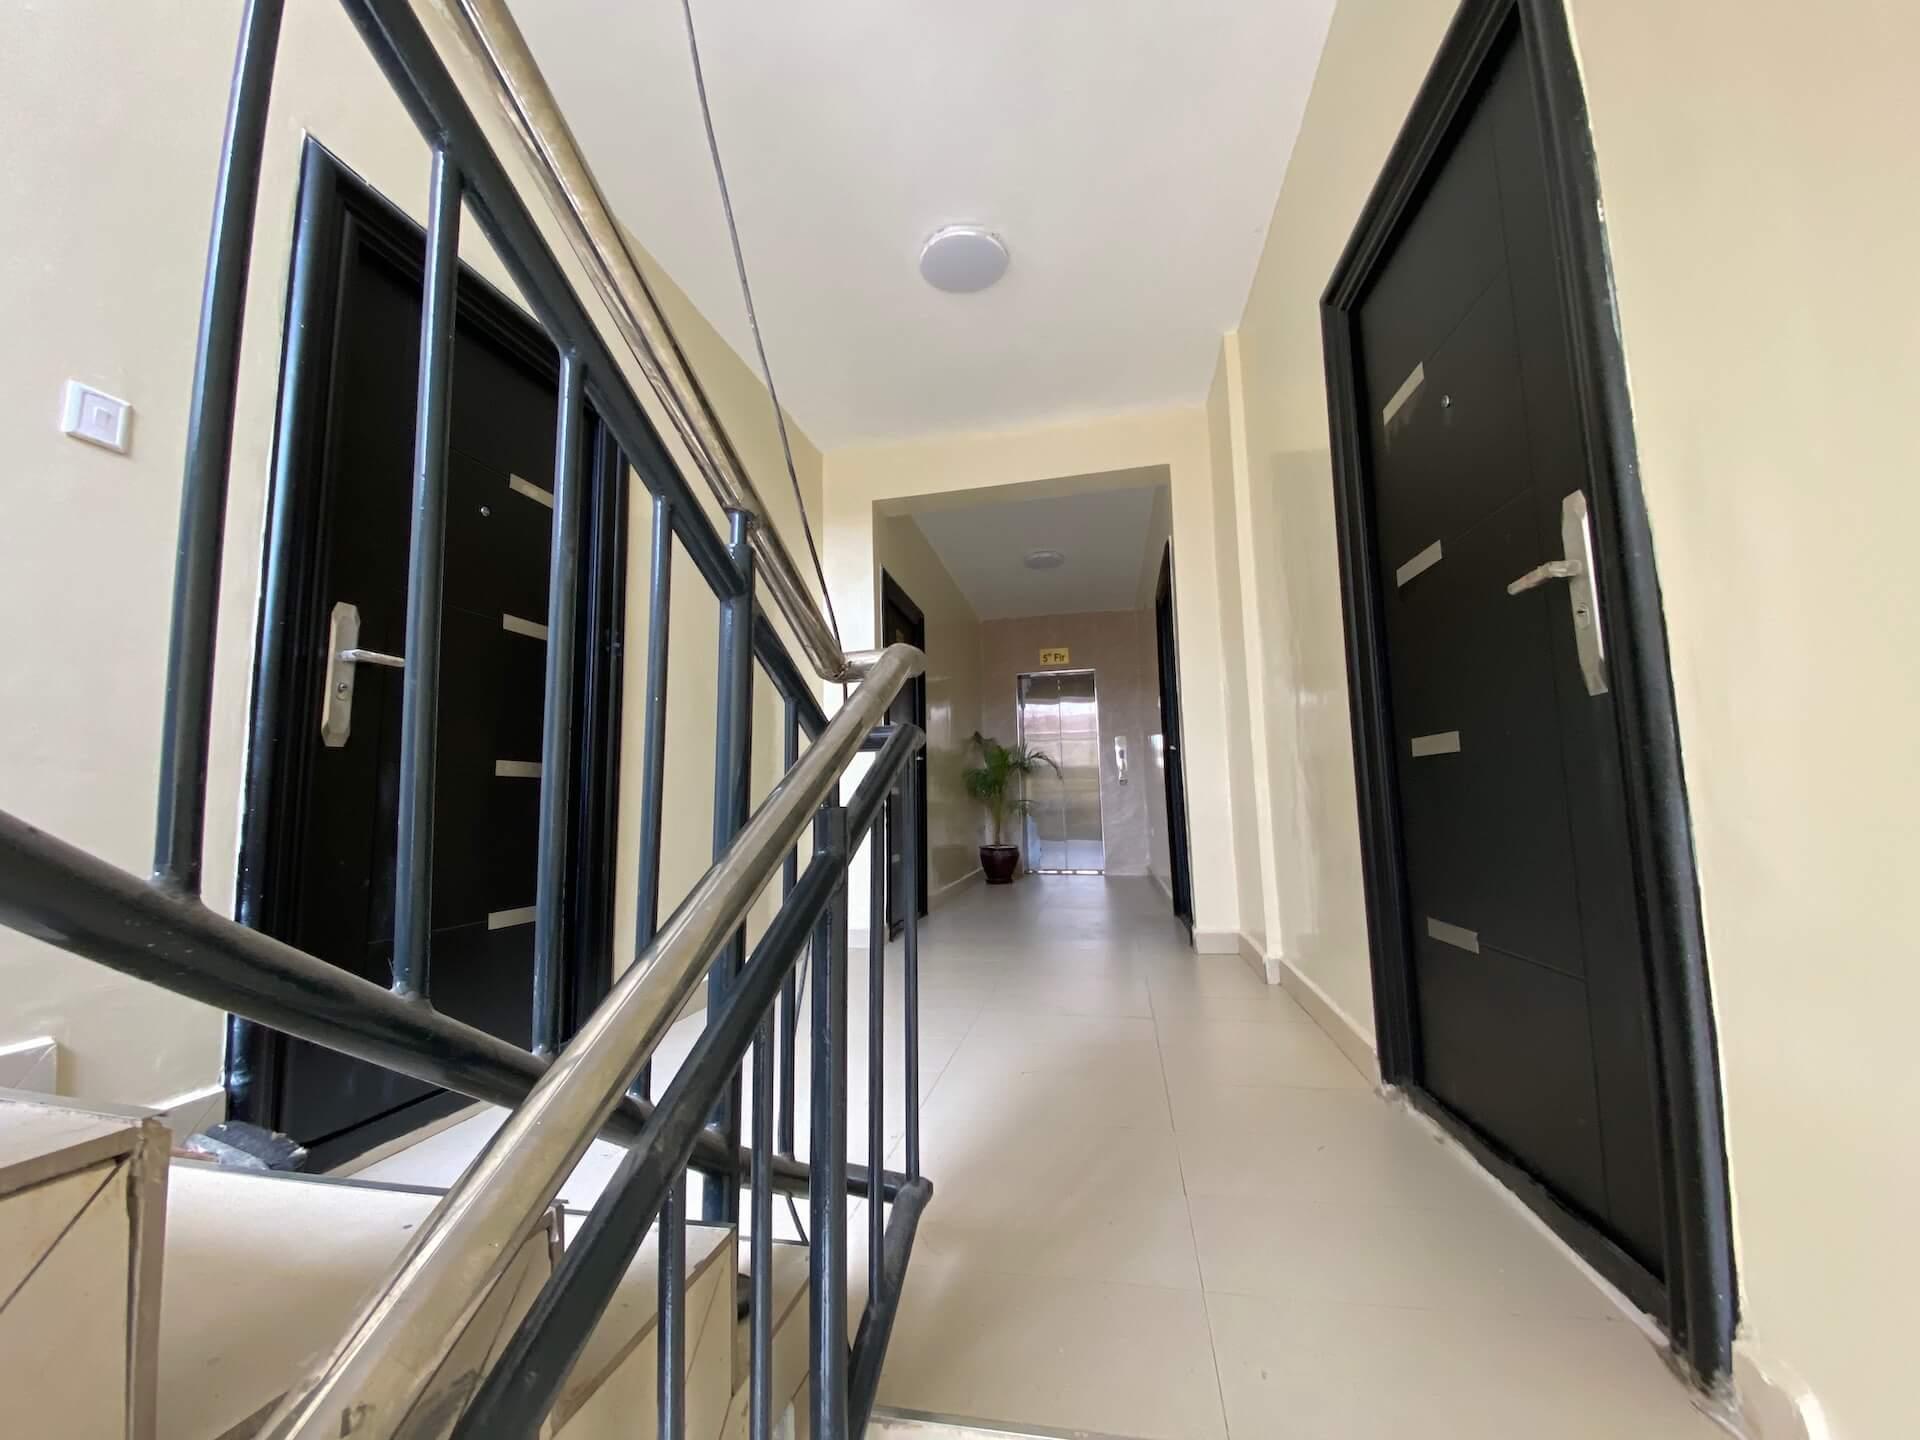 Grandville Phase 2 5th floor lift lobby